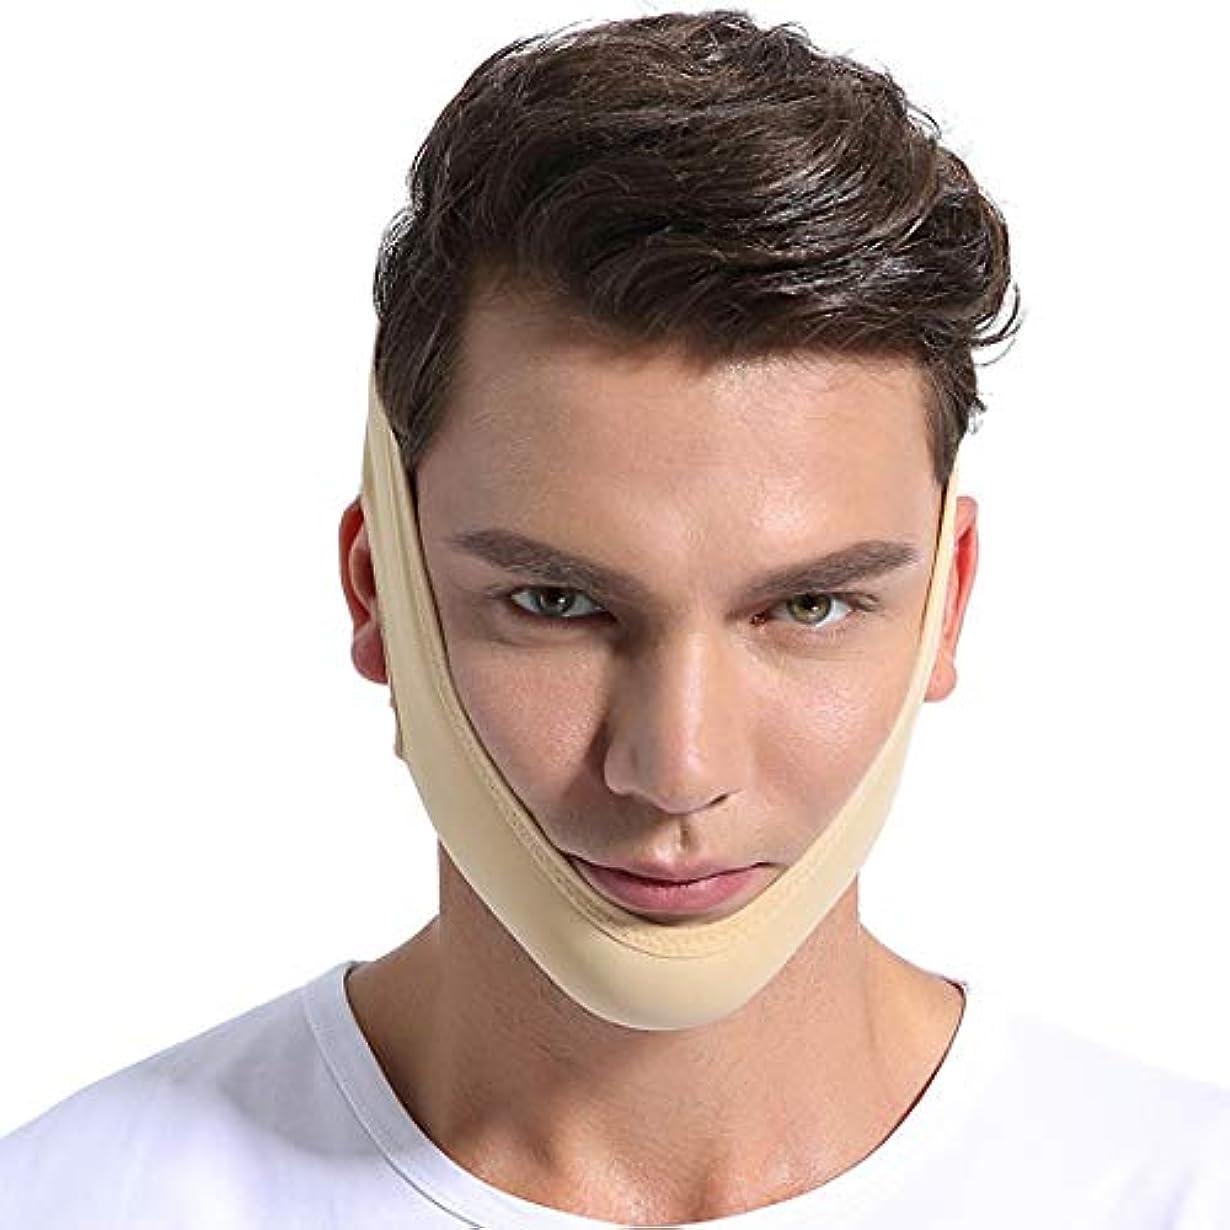 報酬の手順近代化するZWBD フェイスマスク, 薄い顔包帯医療フェイスライン彫刻術後回復リフティングマスク男性の女性の顔包帯ヘッドギアv顔薄い顔アーティファクト